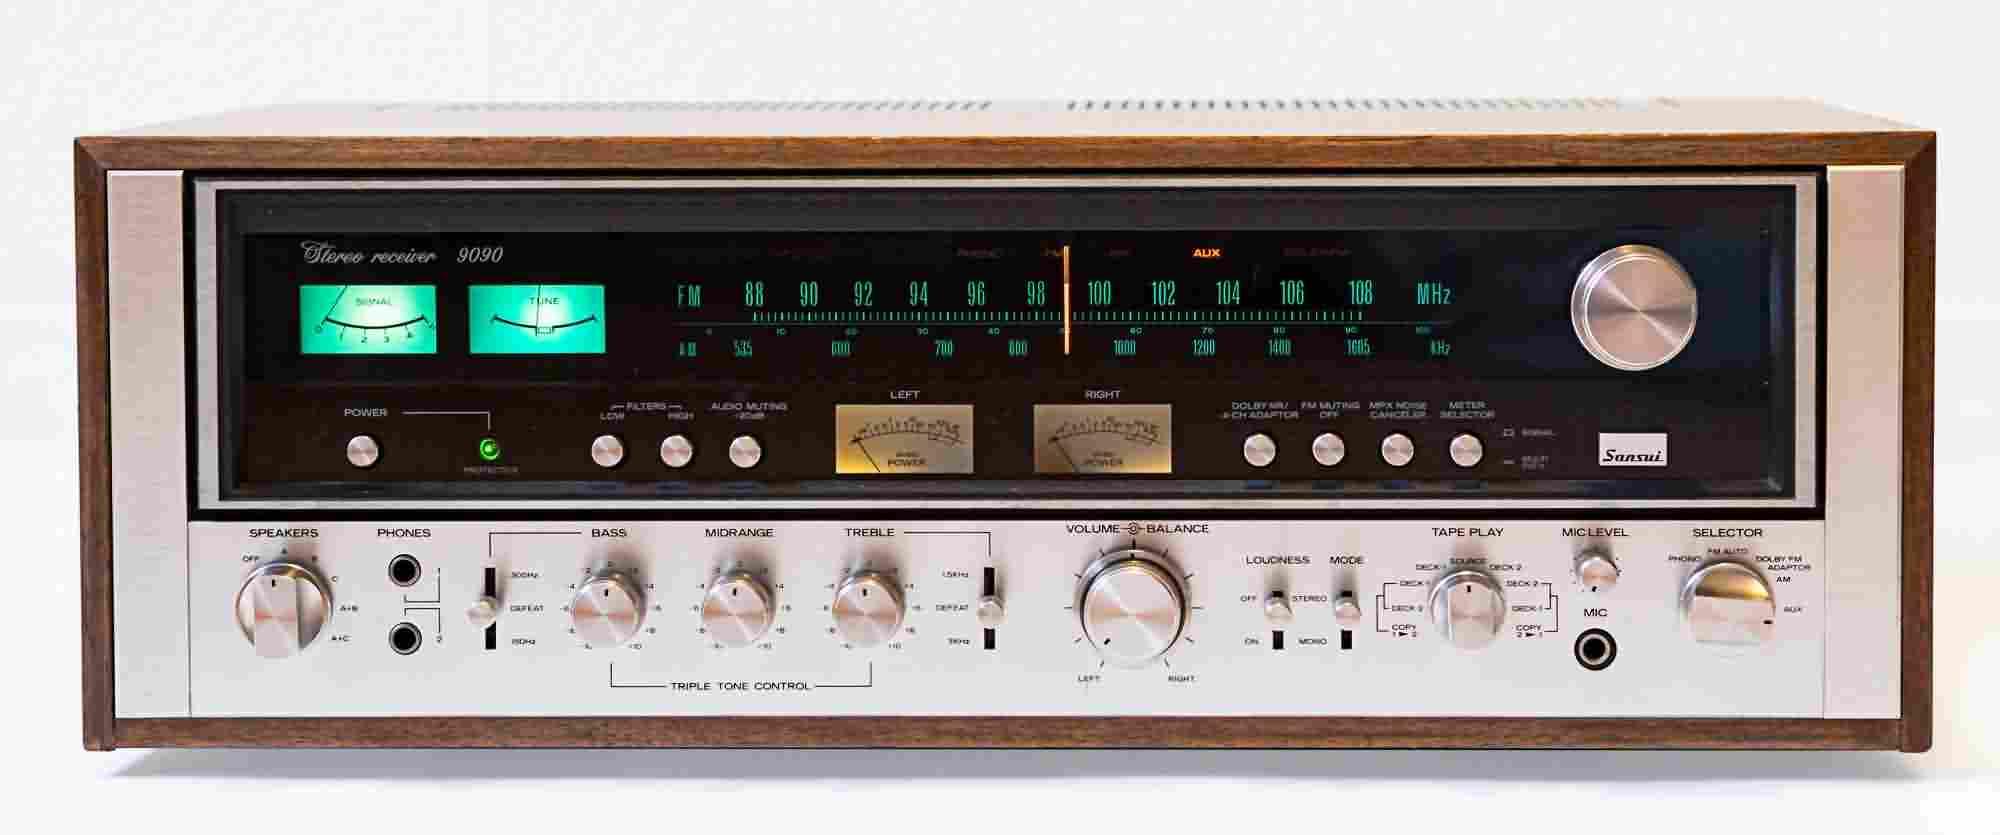 Sansui Receivers Repareren Onderhouden Restaureren En Reviseren Dp Audio Technische Dienst